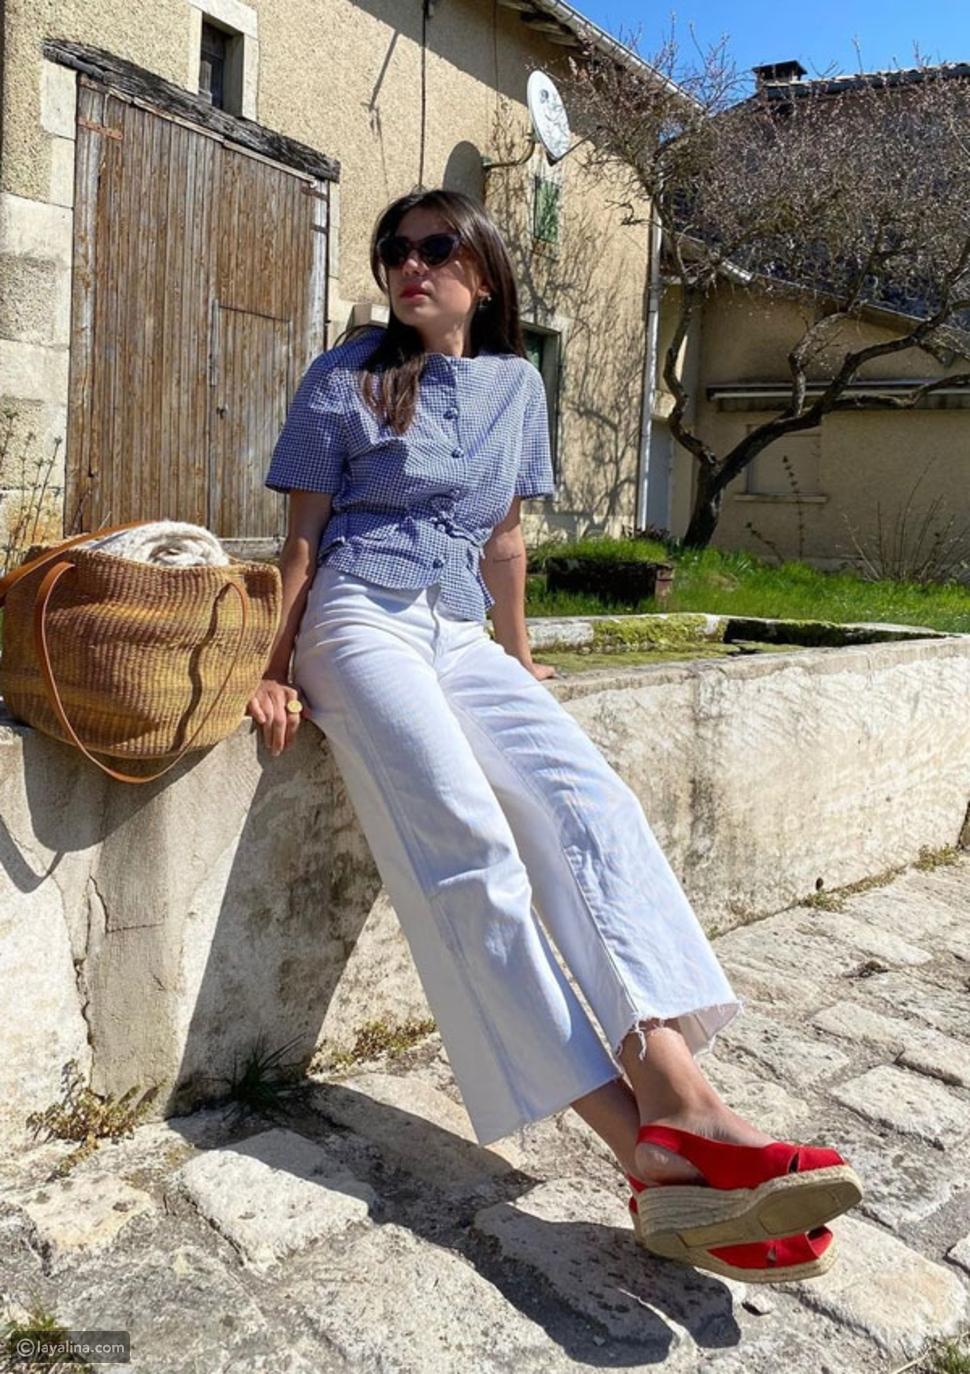 الجينز الأبيض مع أحذية إسبادريل باللون الأحمر